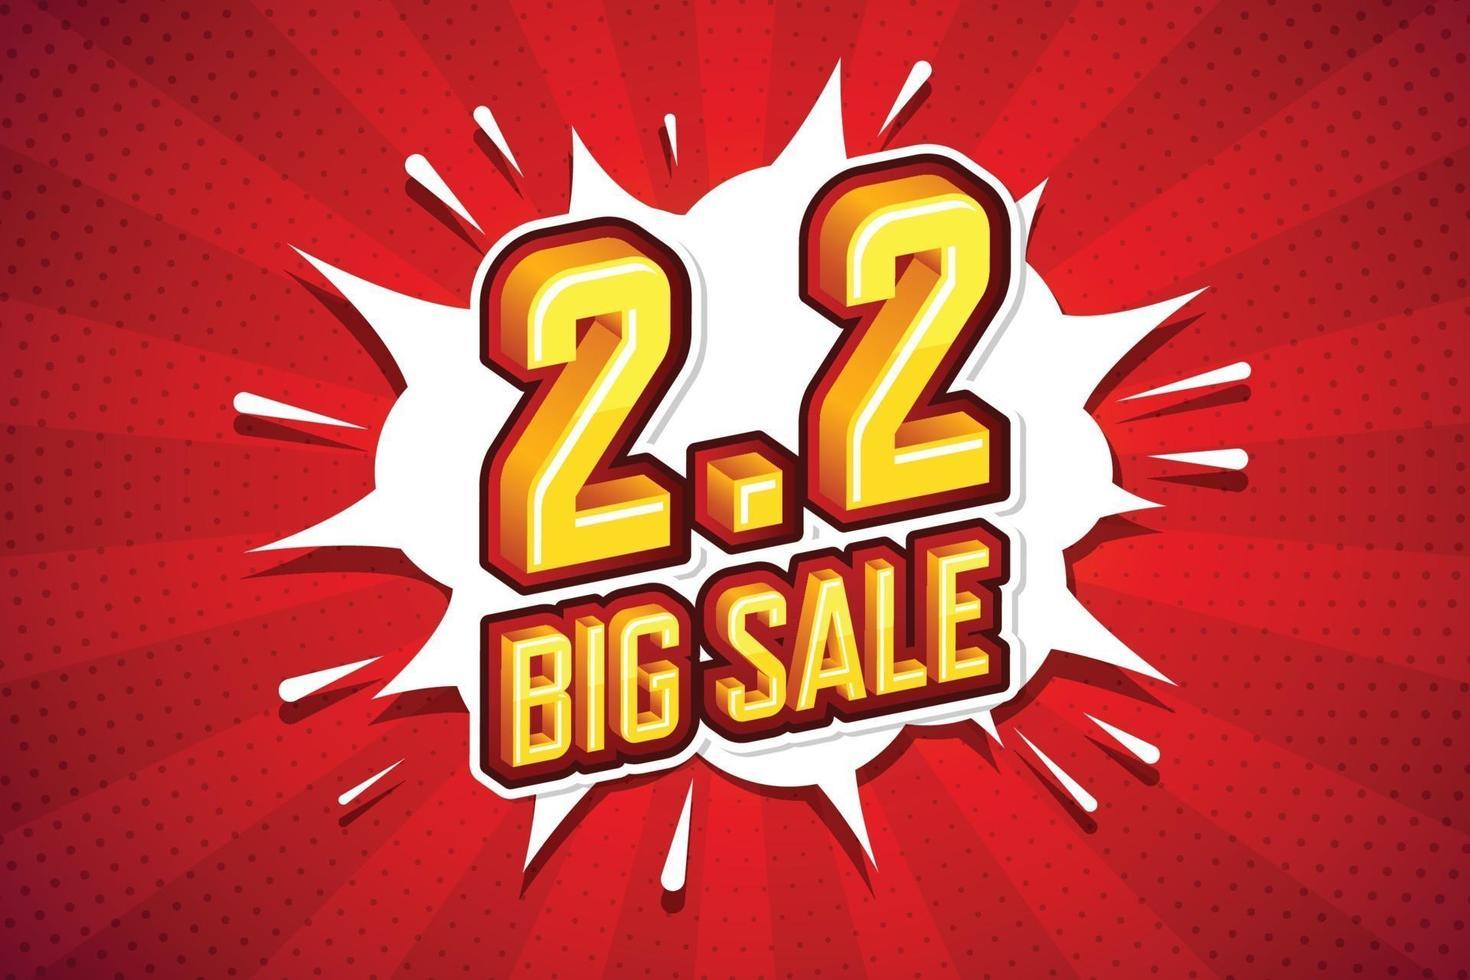 2.2 stor försäljning typsnitt uttryck popkonst komisk pratbubbla. vektor illustration